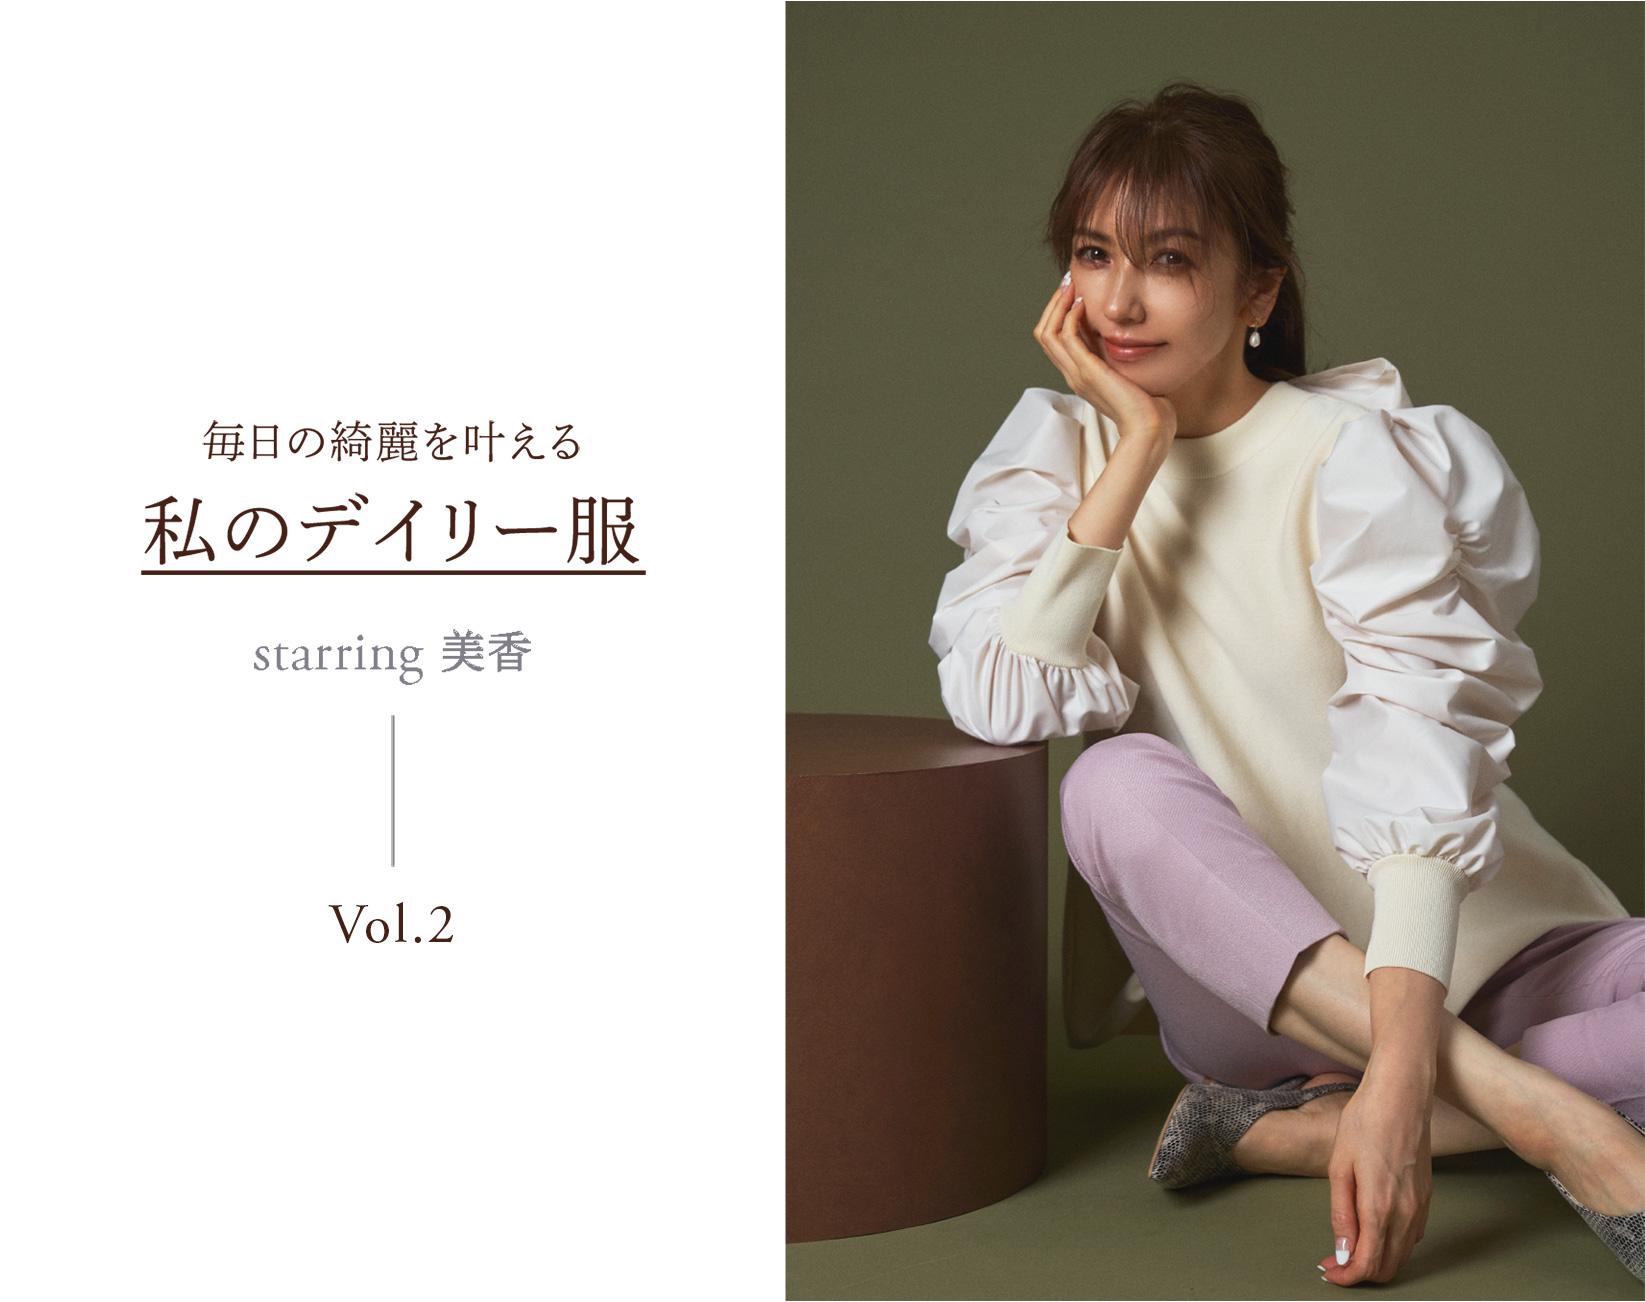 毎日の綺麗を叶える 私のデイリー服 starring 美香 Vol.2